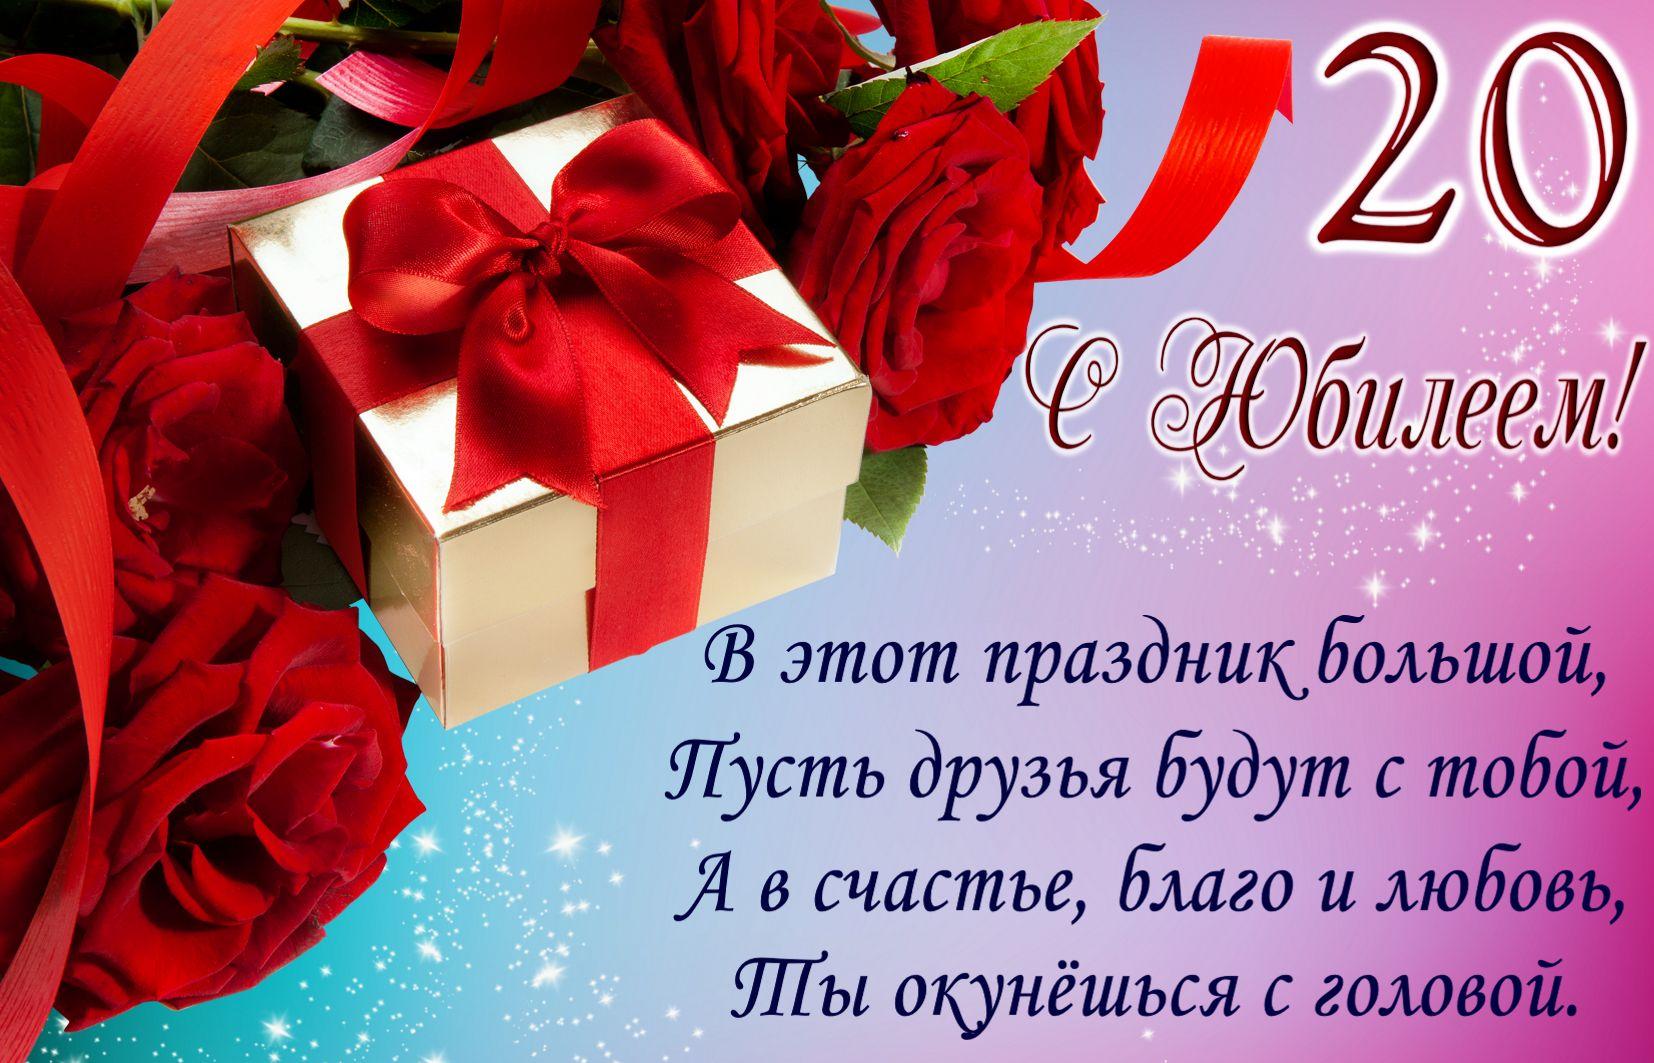 Открыток день, открытка день рождения 25